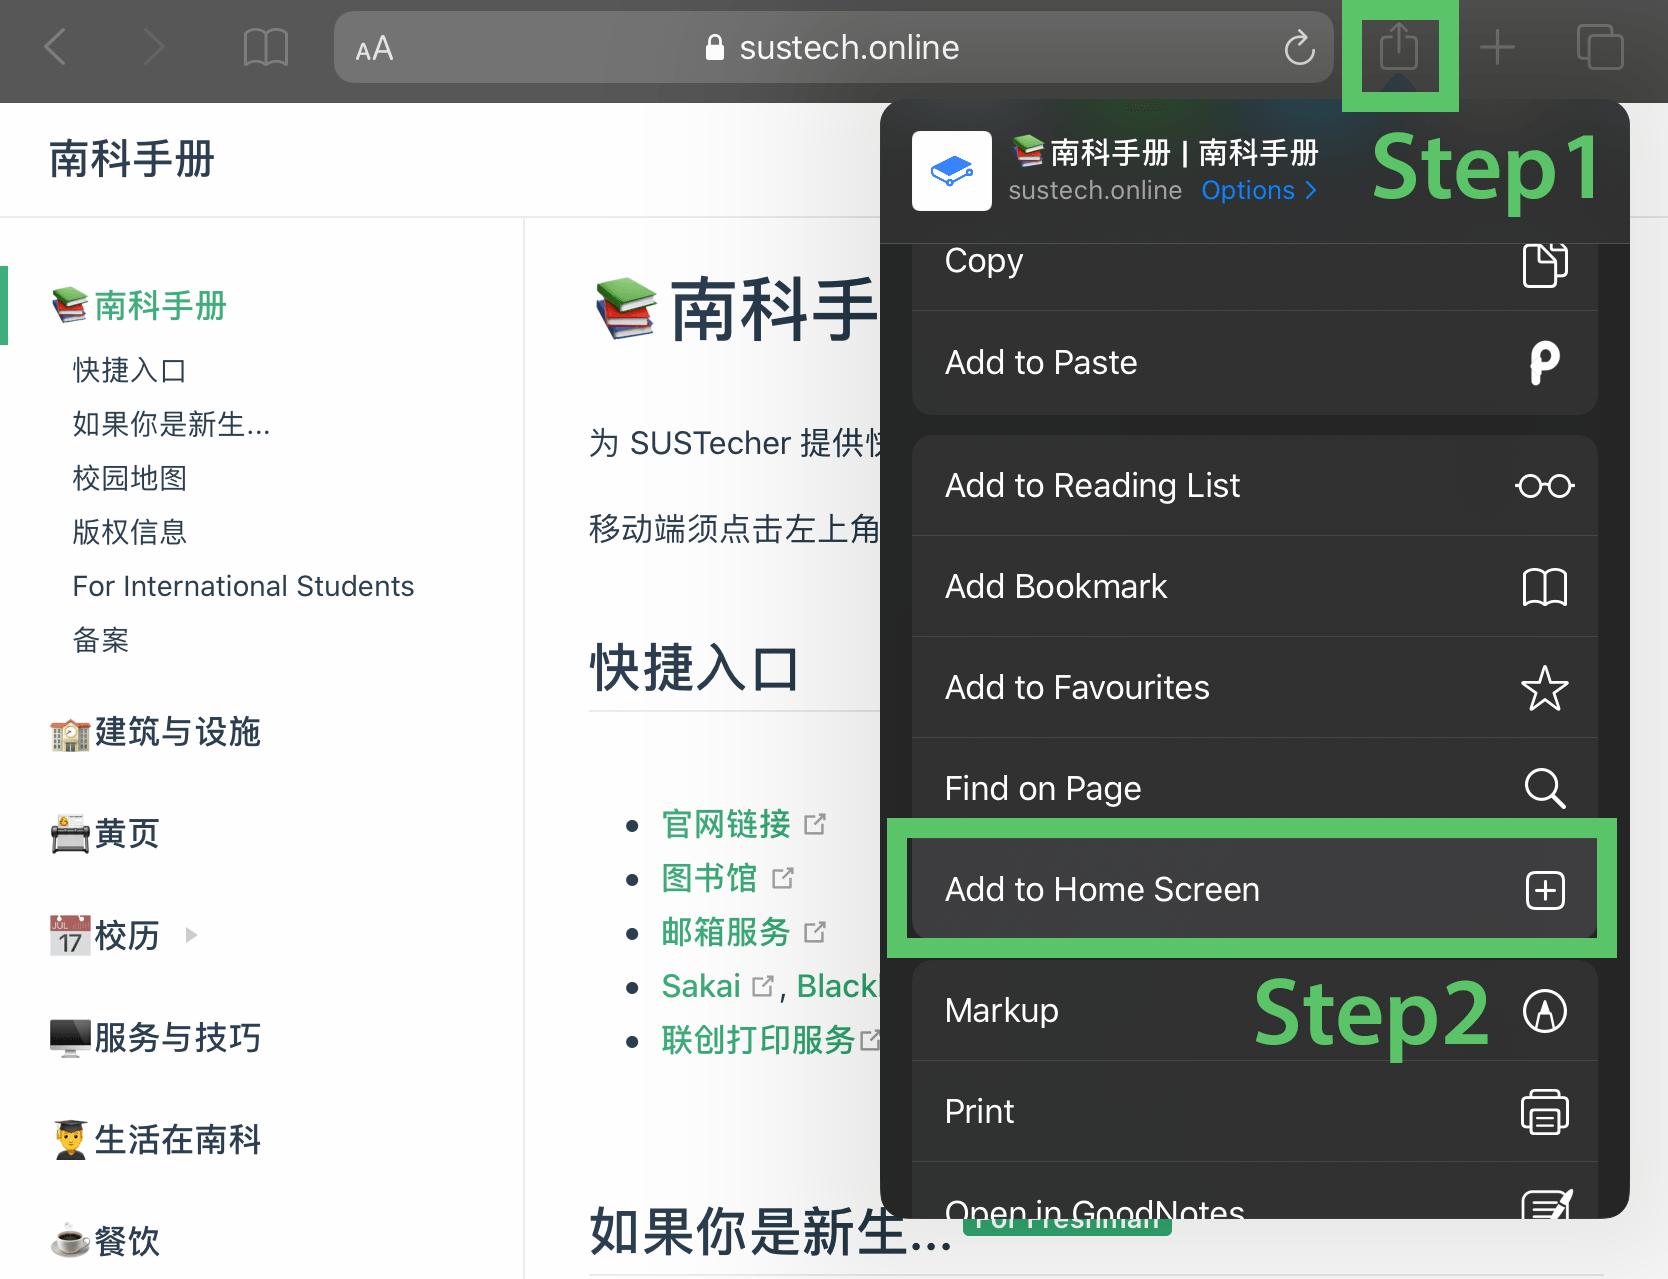 添加到主屏幕